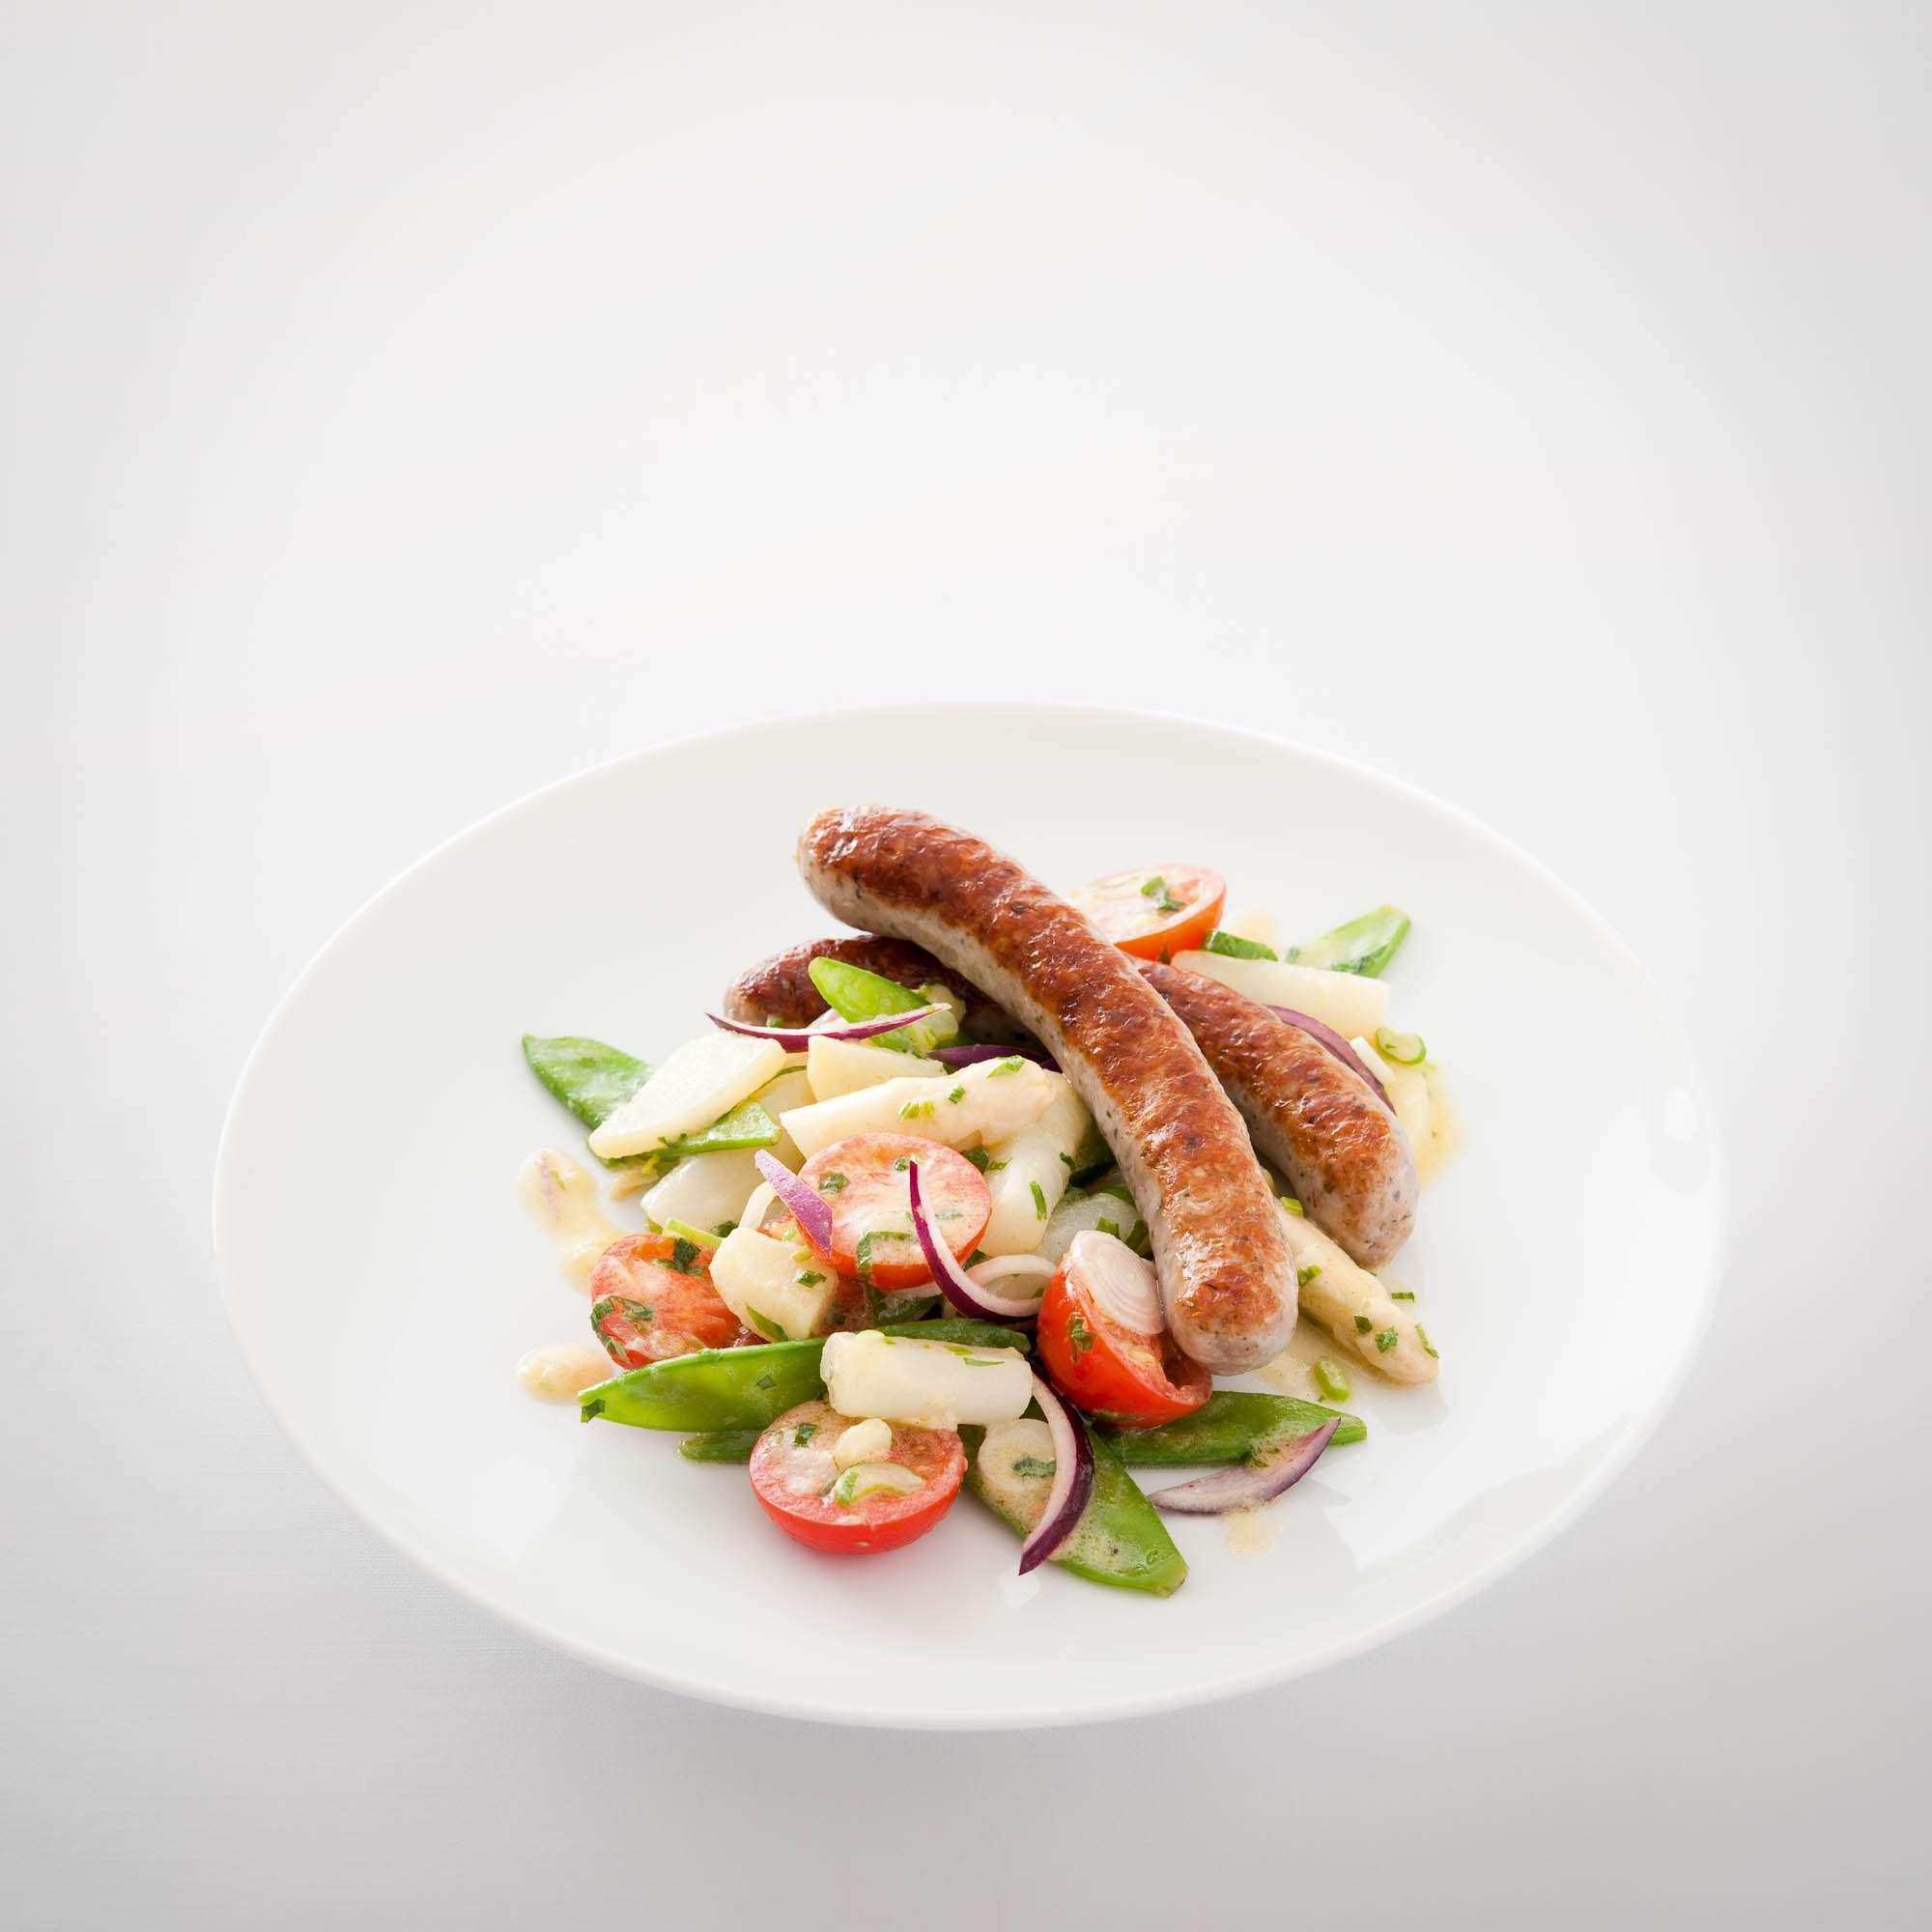 Gemüsesalat mit Estragon-Senf-Vinaigrette und Bratwurst